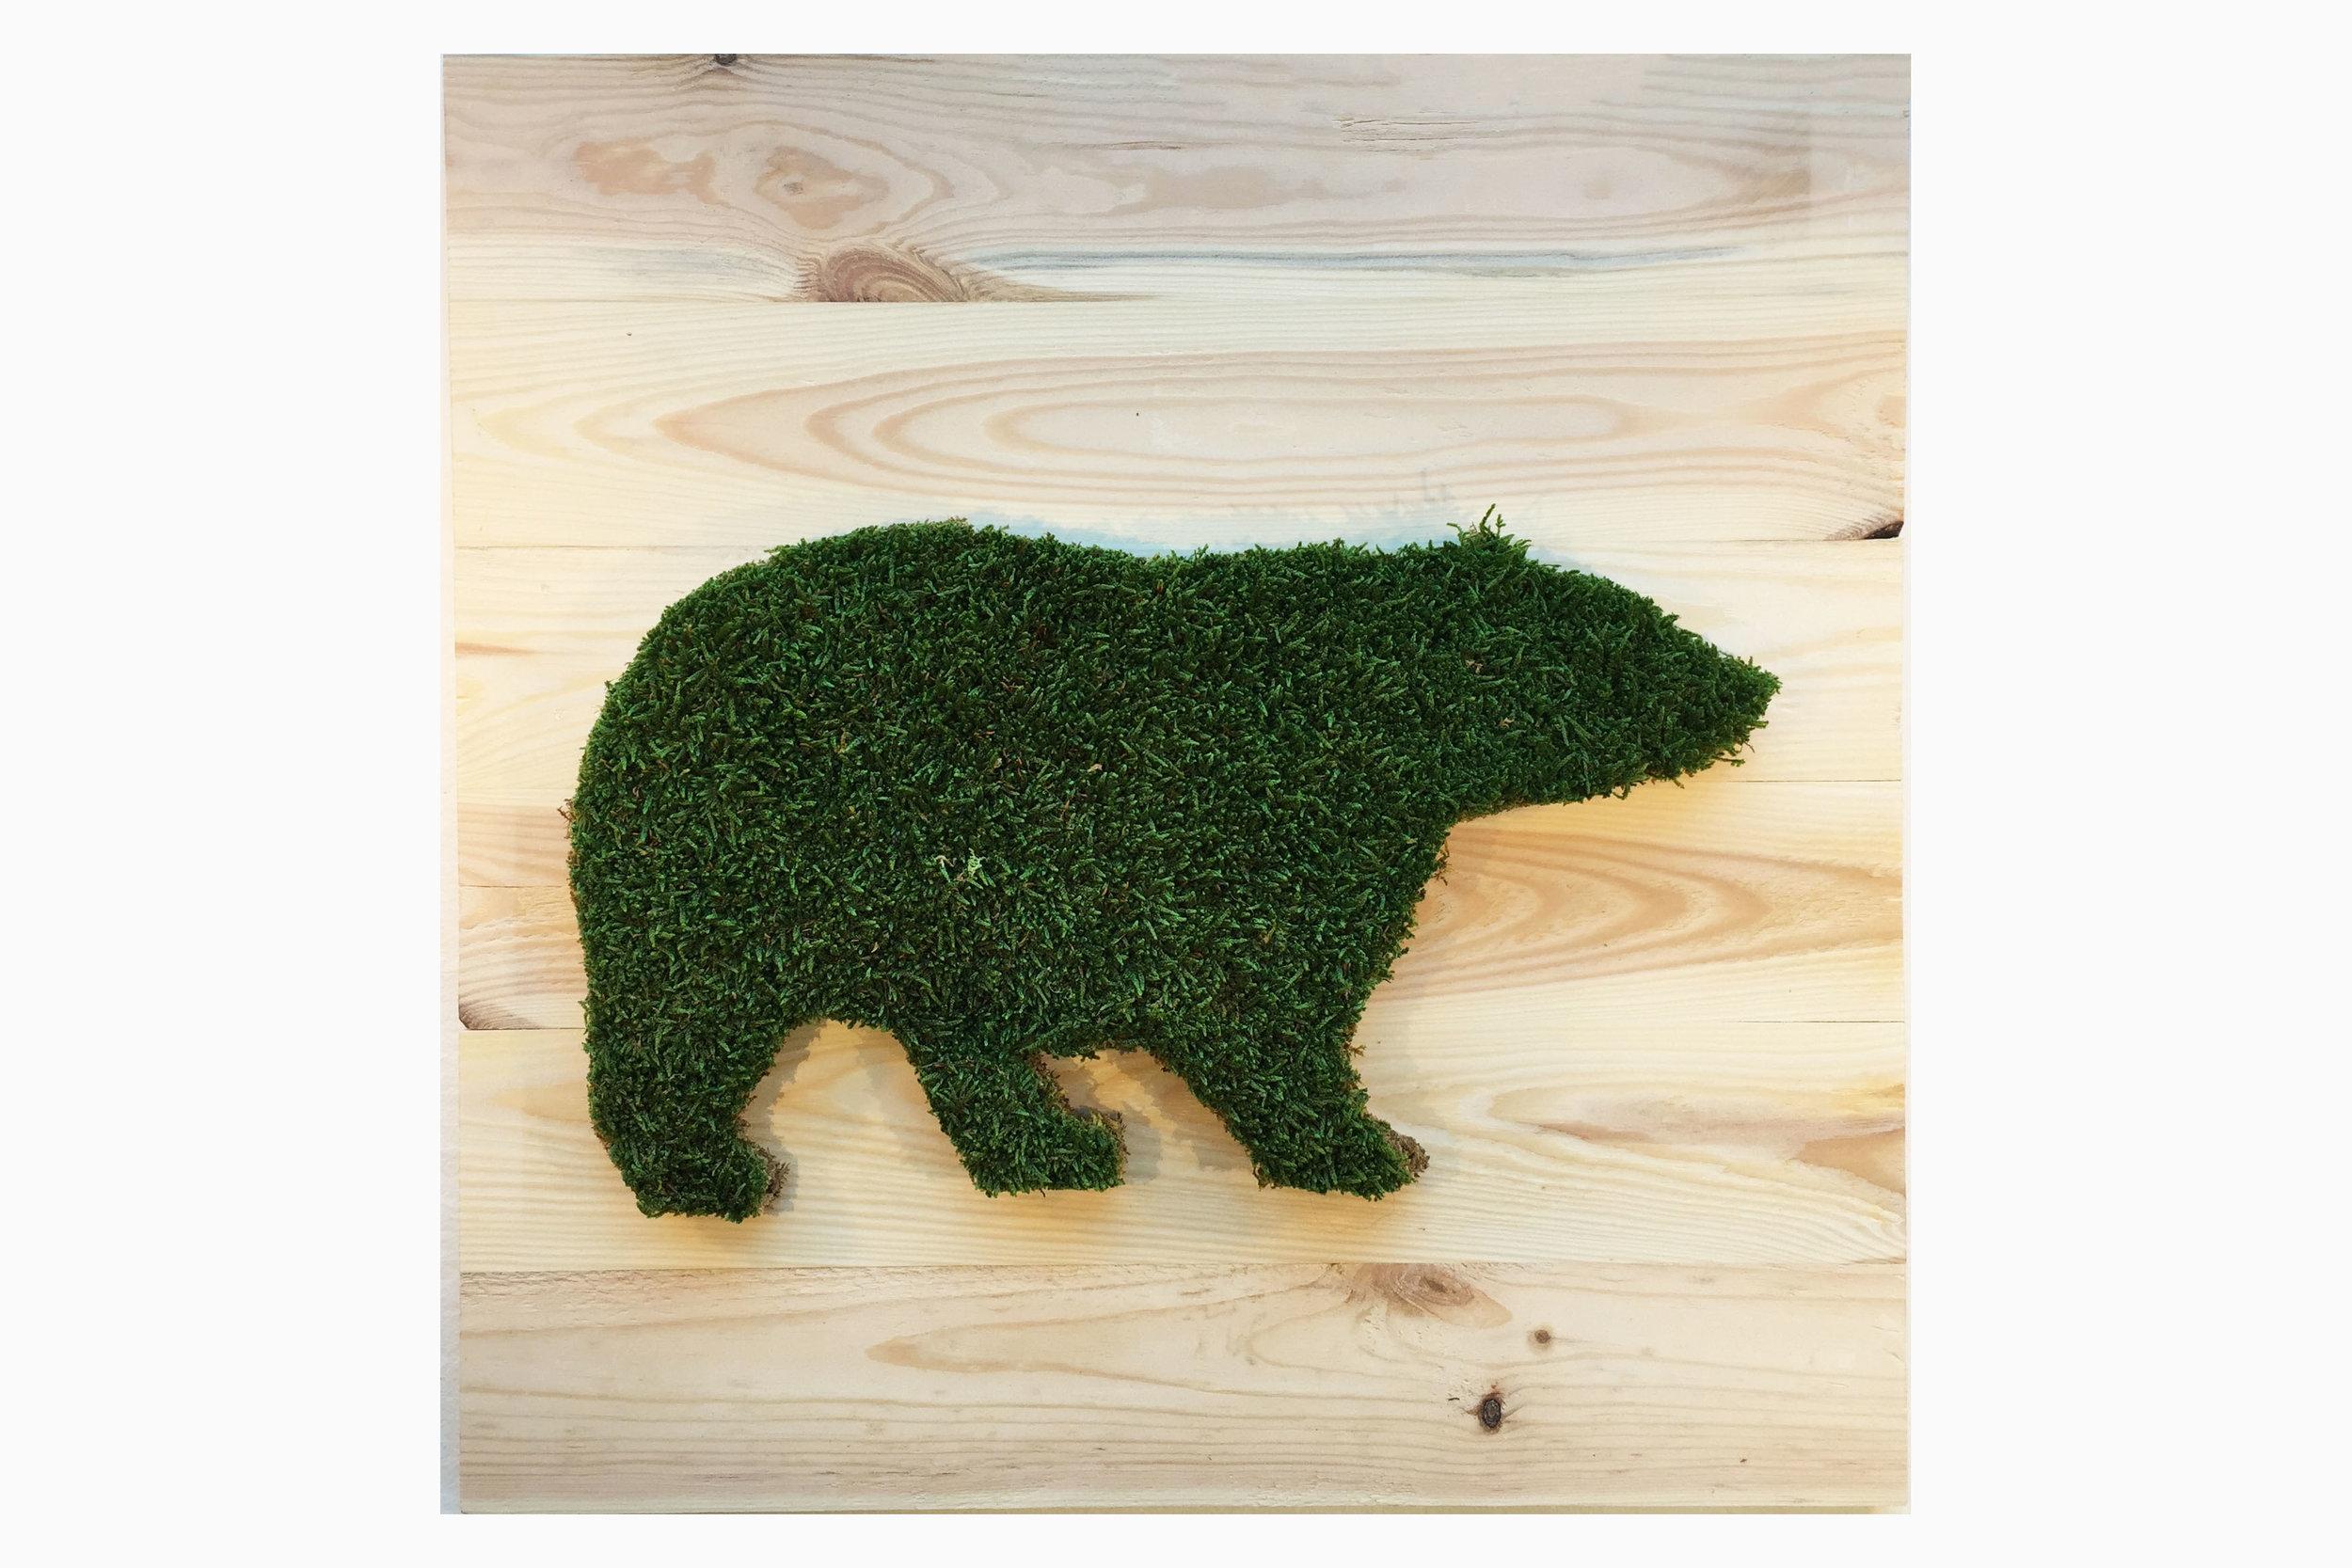 cadre-vegetal-bear-planche-hoai 2.jpg